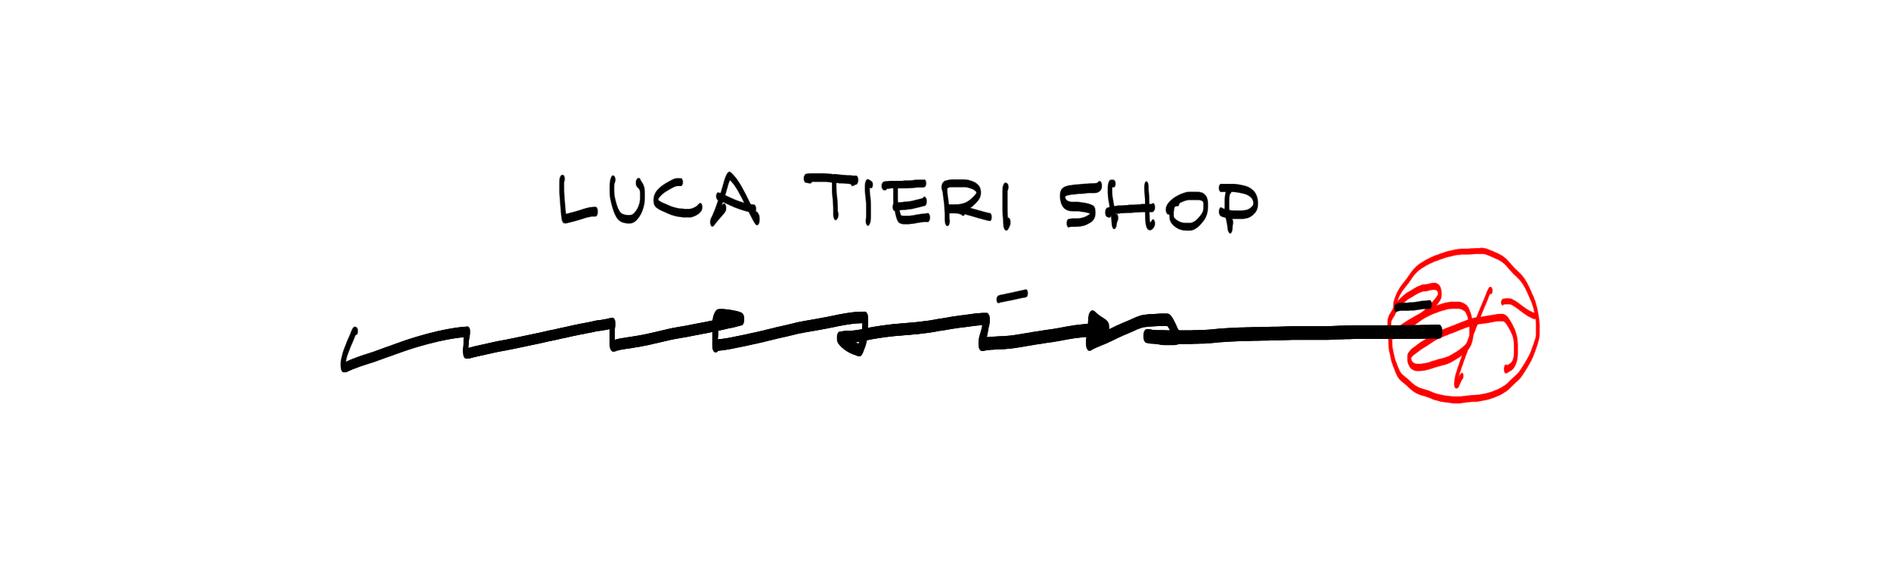 LUCA TIERI SHOP